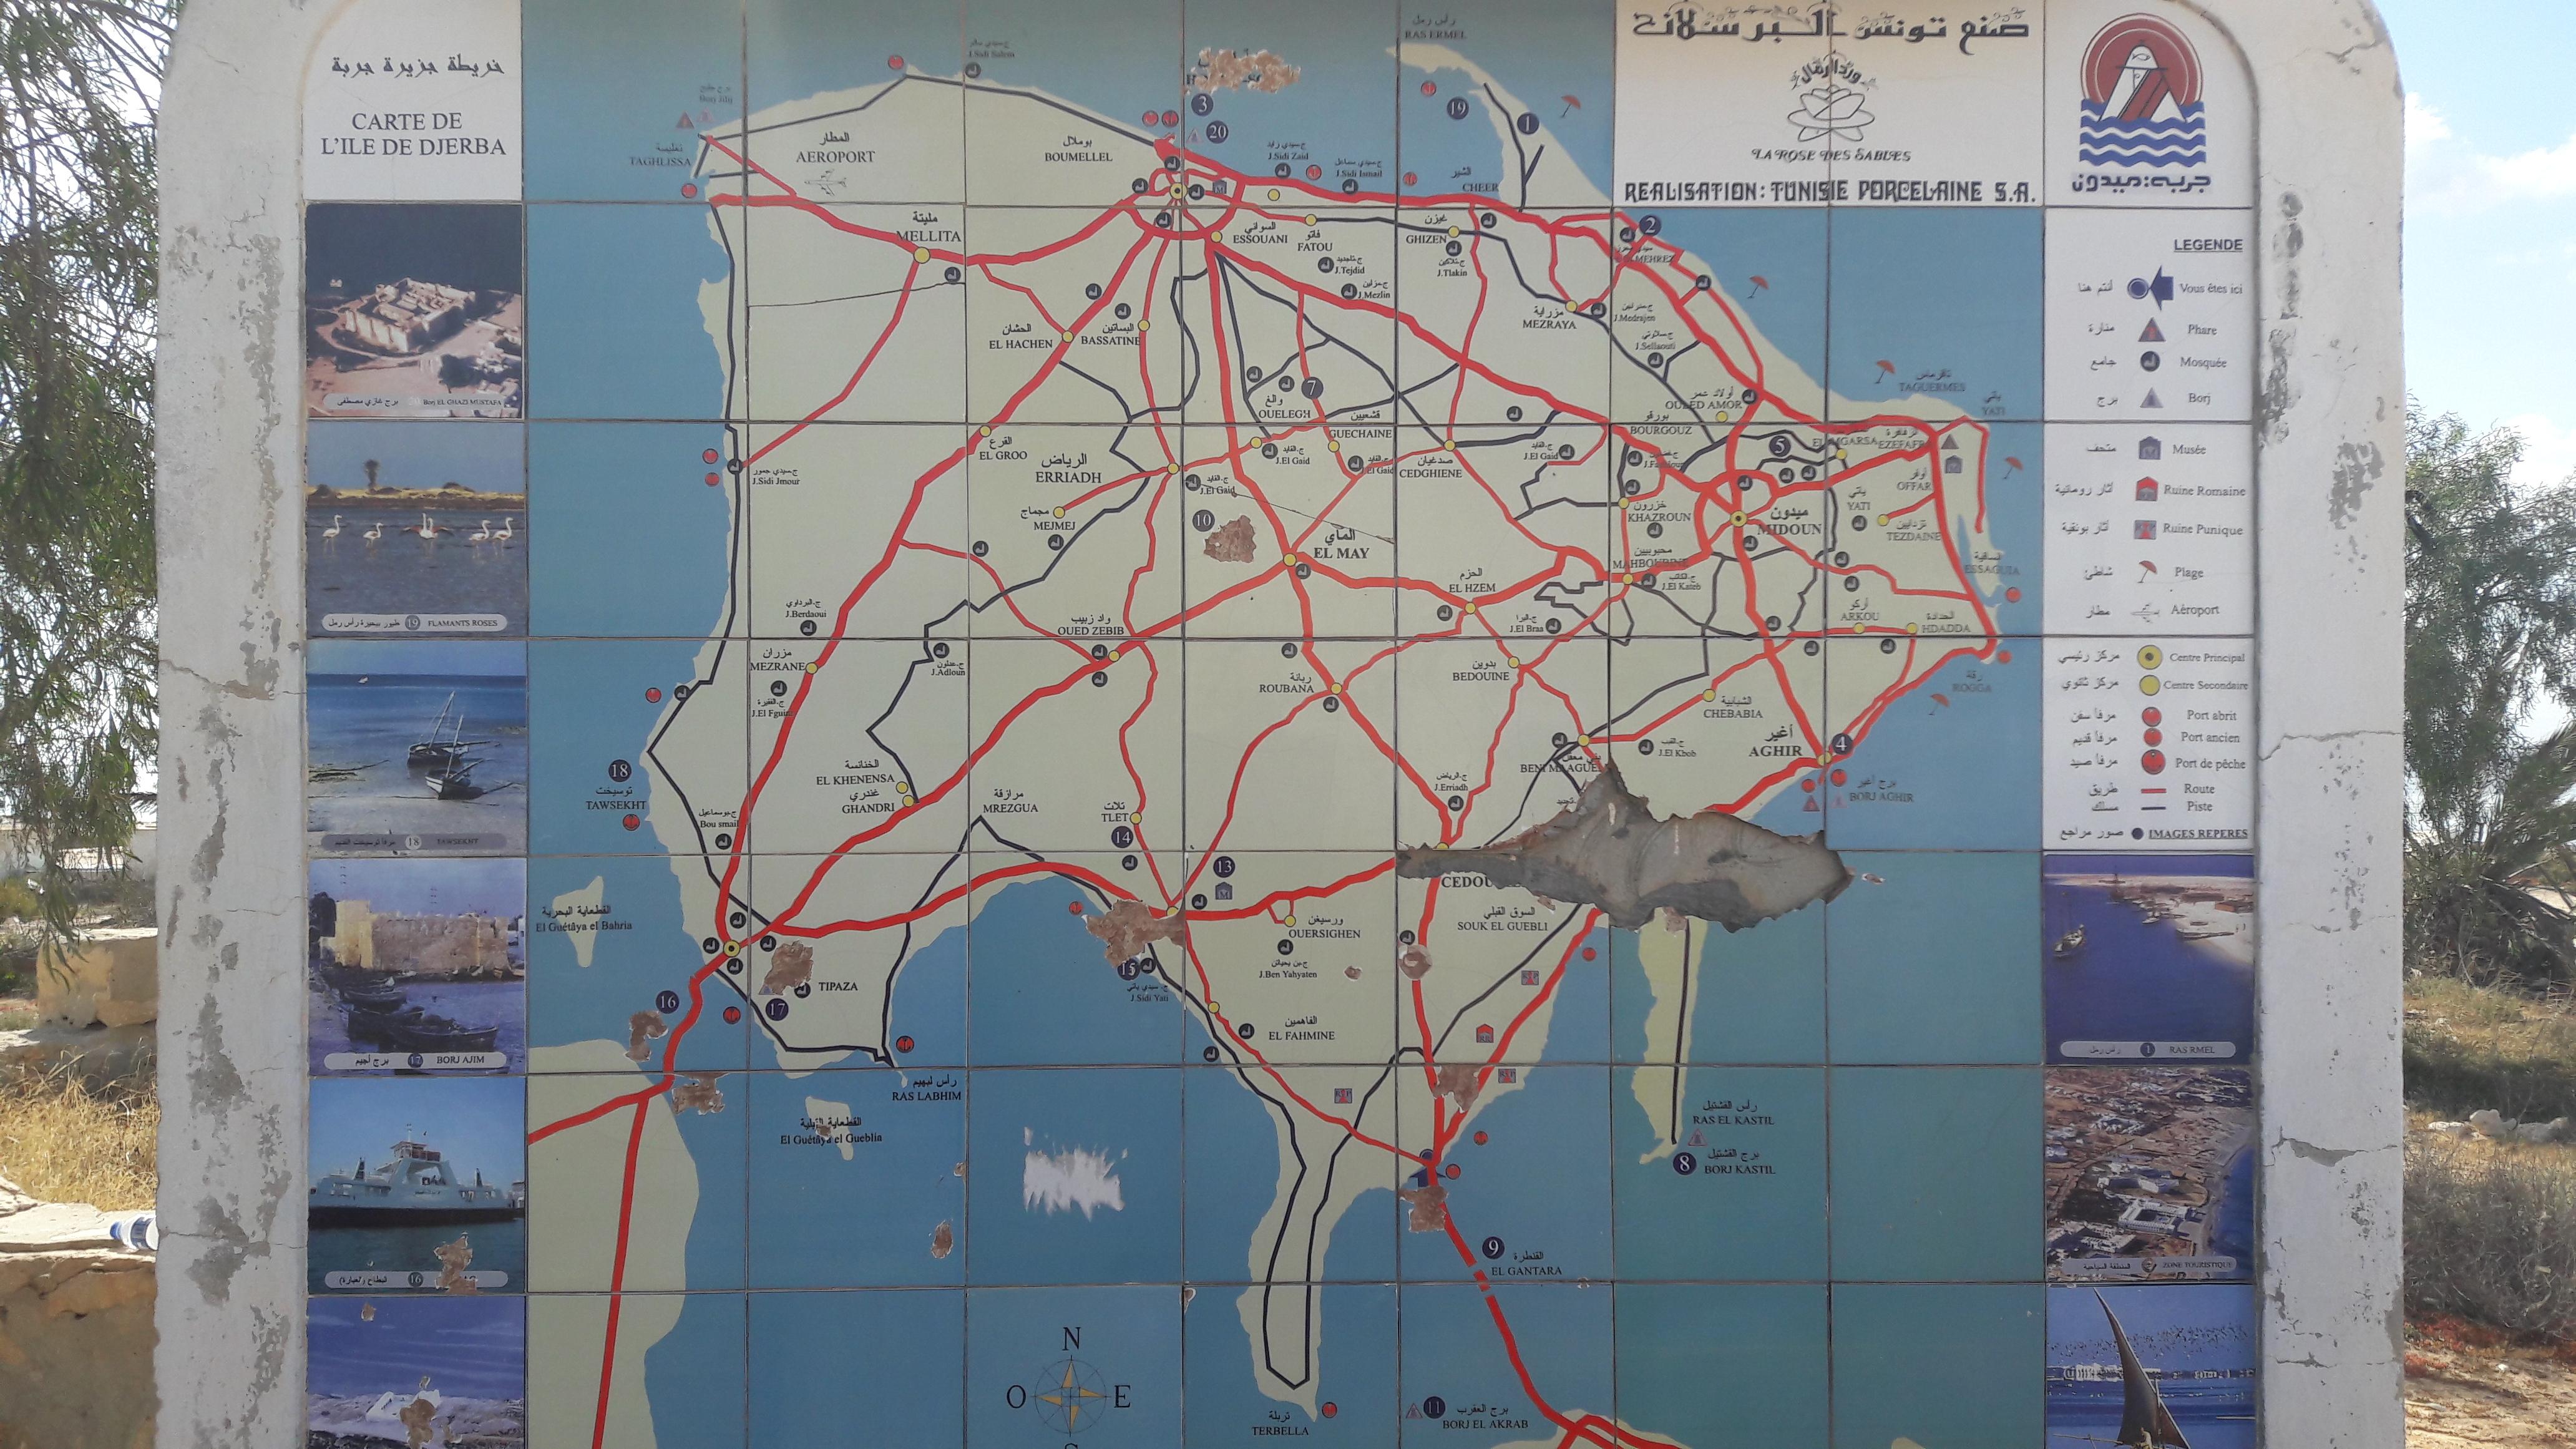 Djerba térképe (Fotó: Valkai Nikoletta)